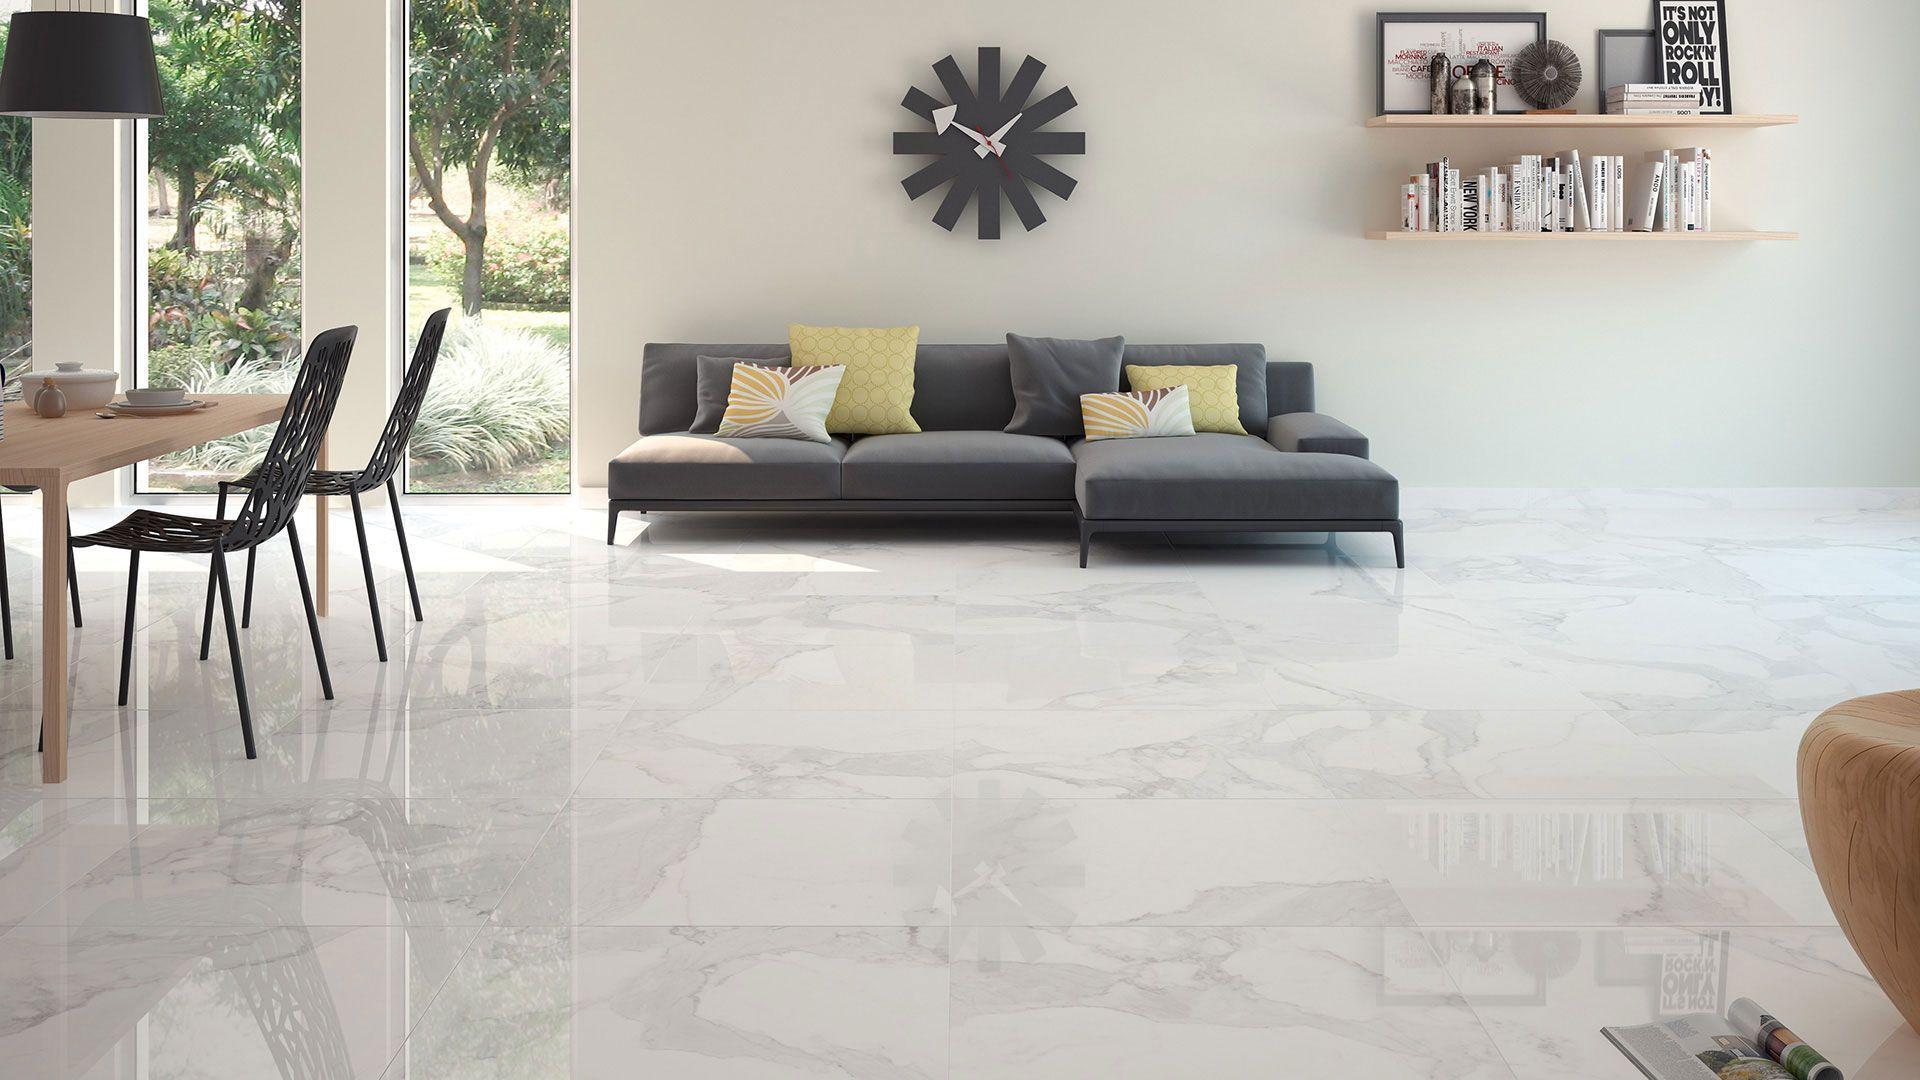 torino plans harvest marrone tile series porcelain italian homes floor floors rustic